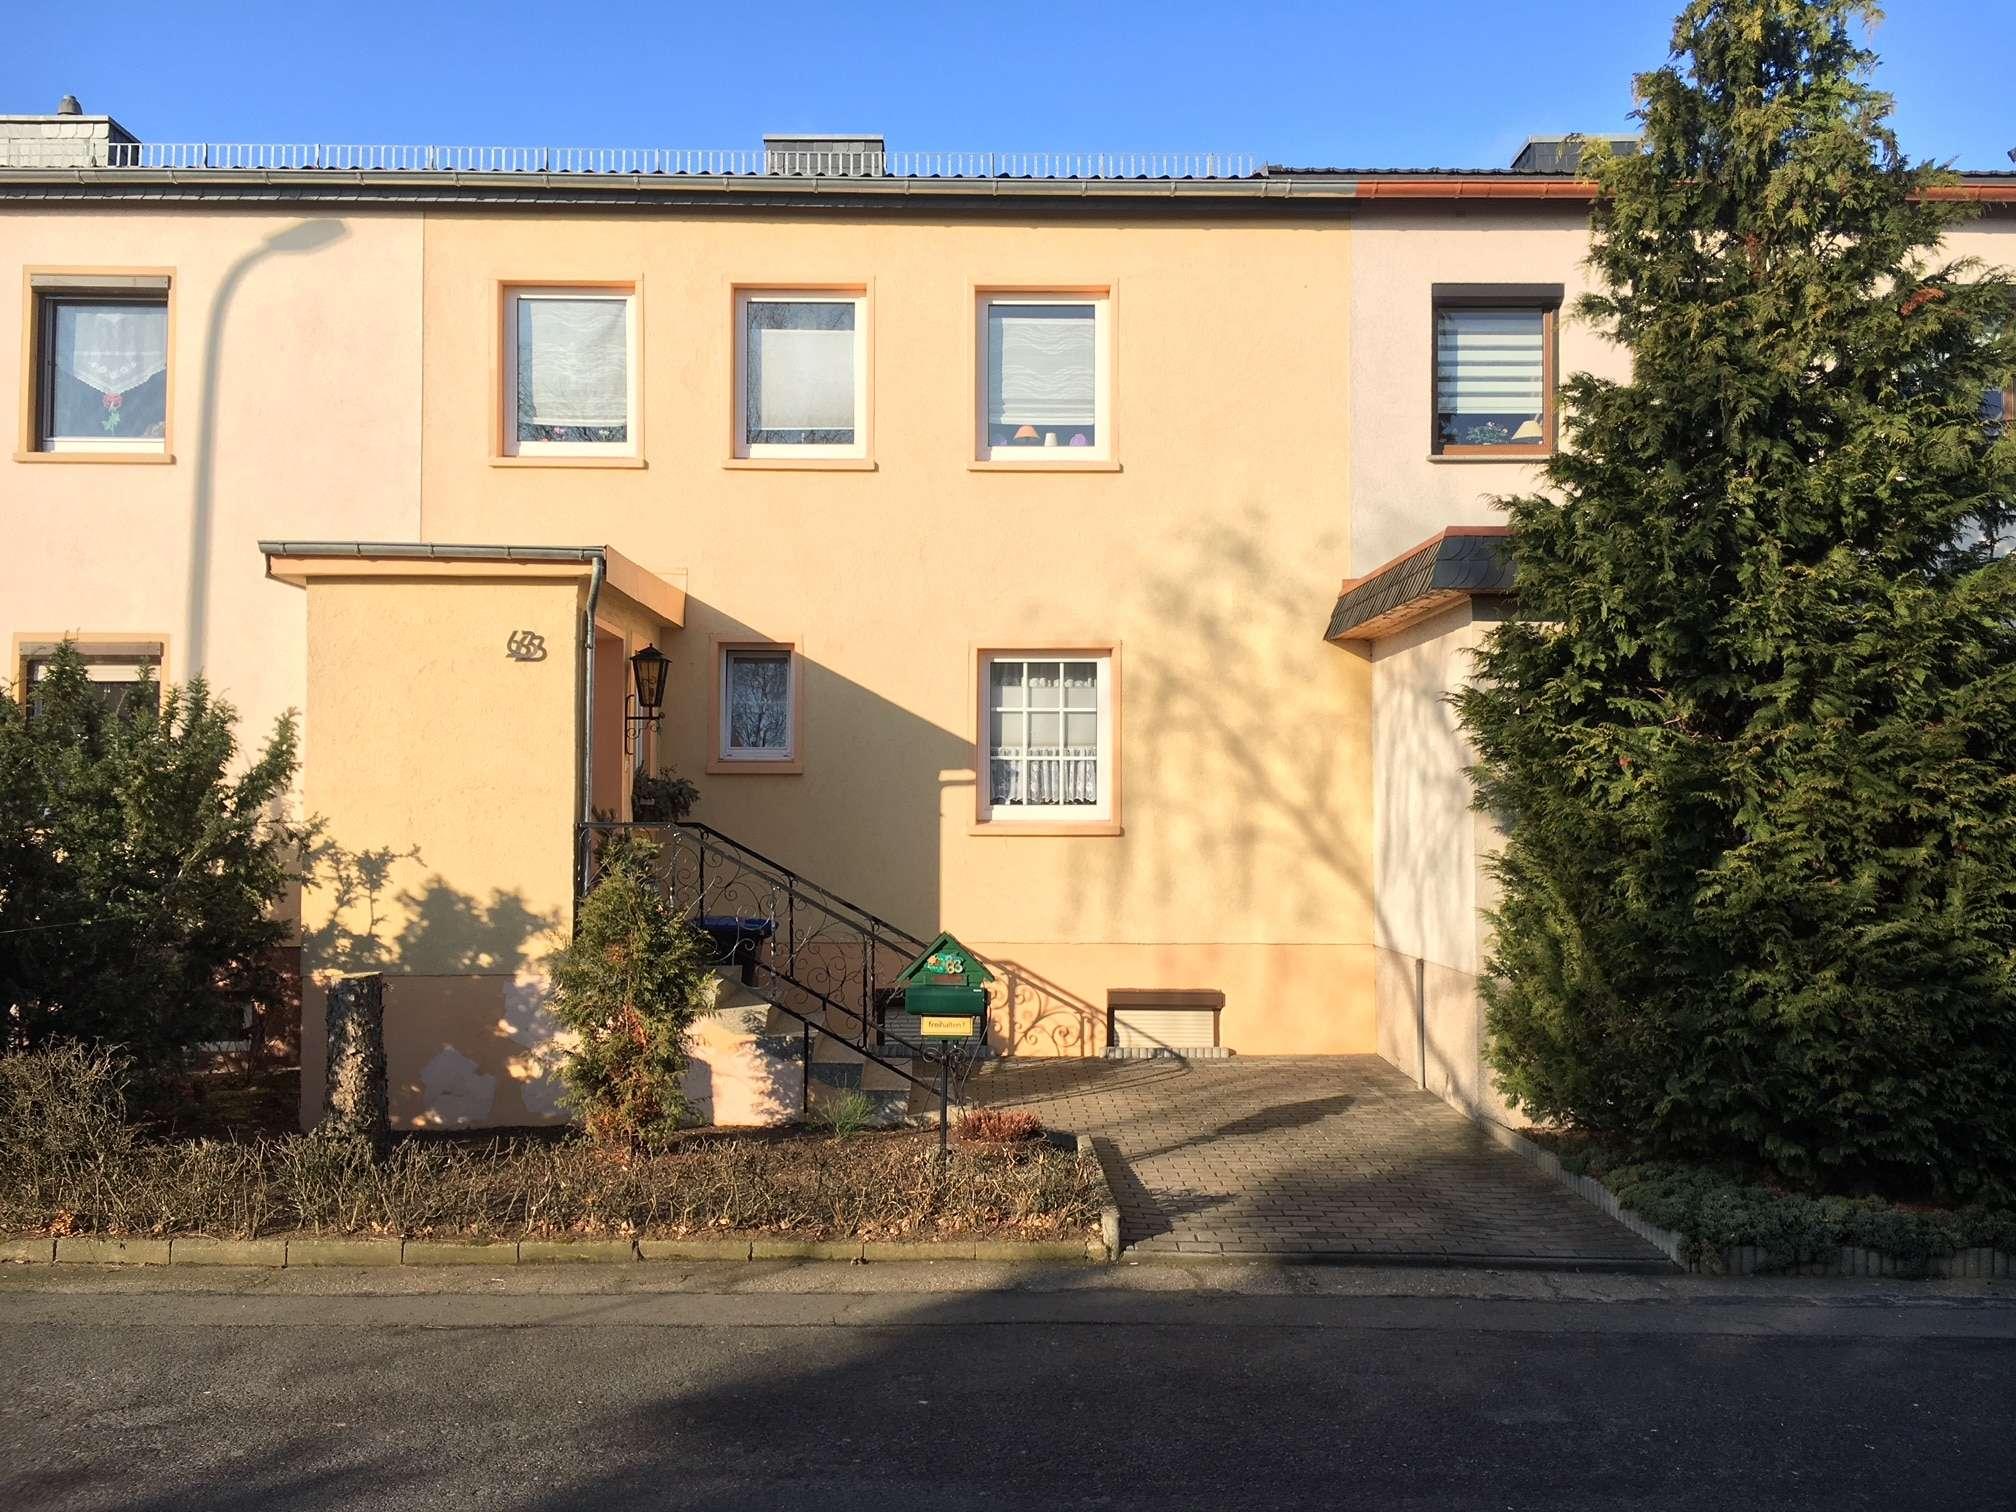 Immobilienmakler Riesa terrific sparkasse wohnungen kaufen tips debt services us